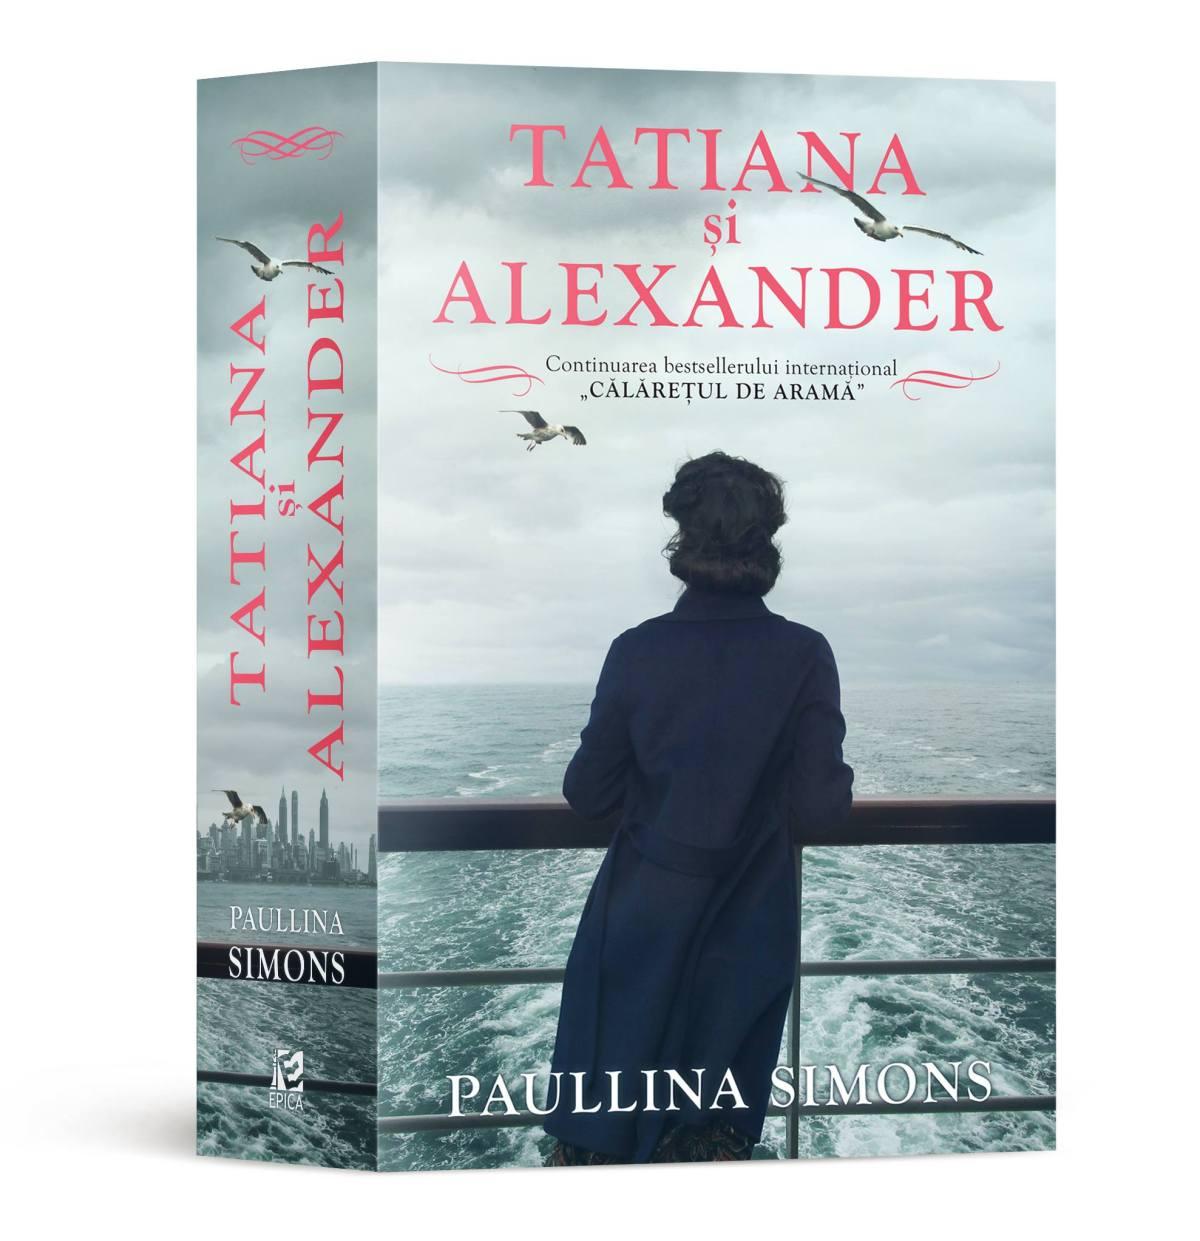 Călărețul de aramă și Tatiana și Alexander de PaullinaSimons